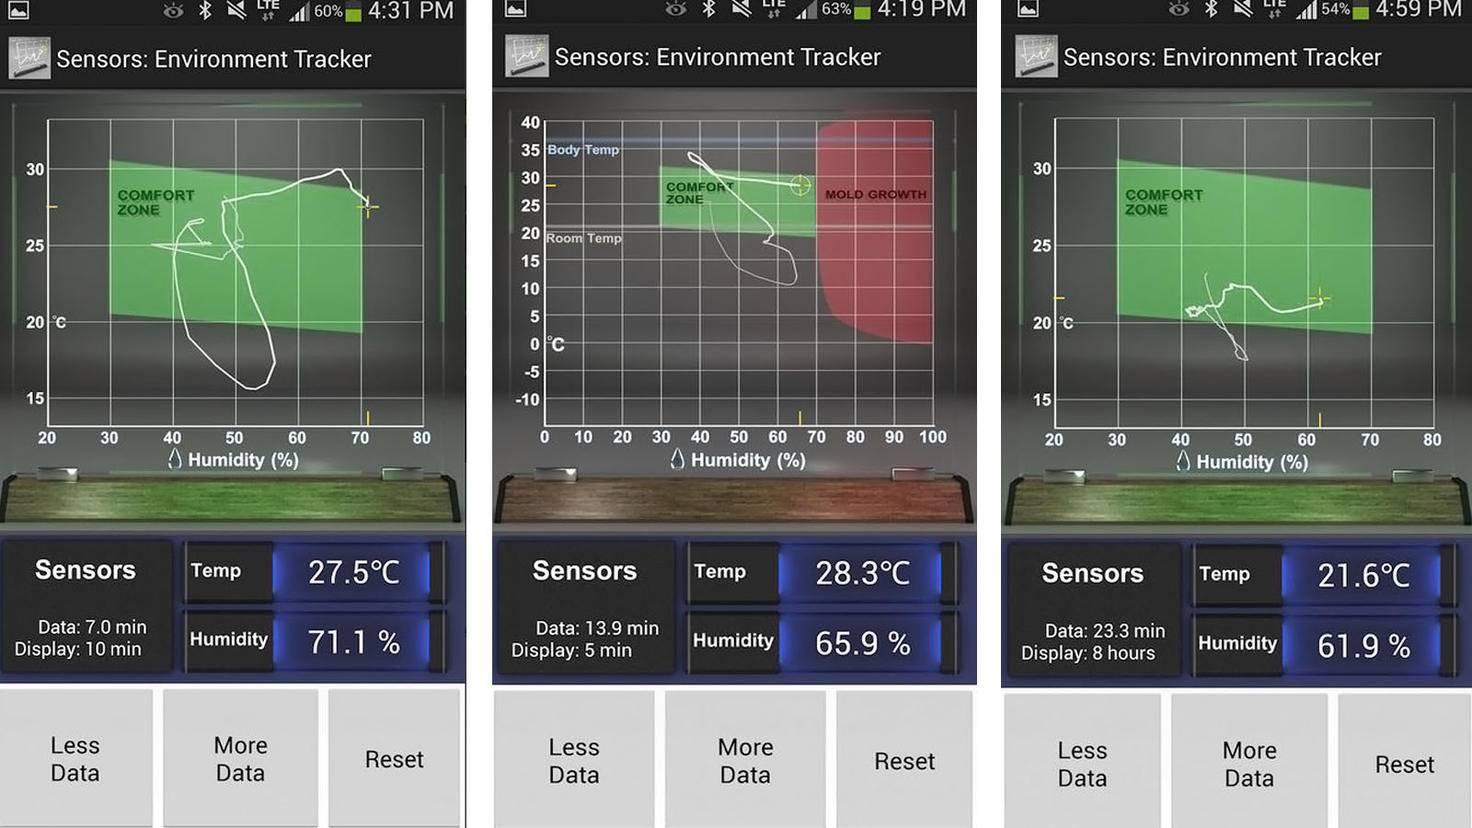 Sensors Temp-Google Play Store-YD Visual